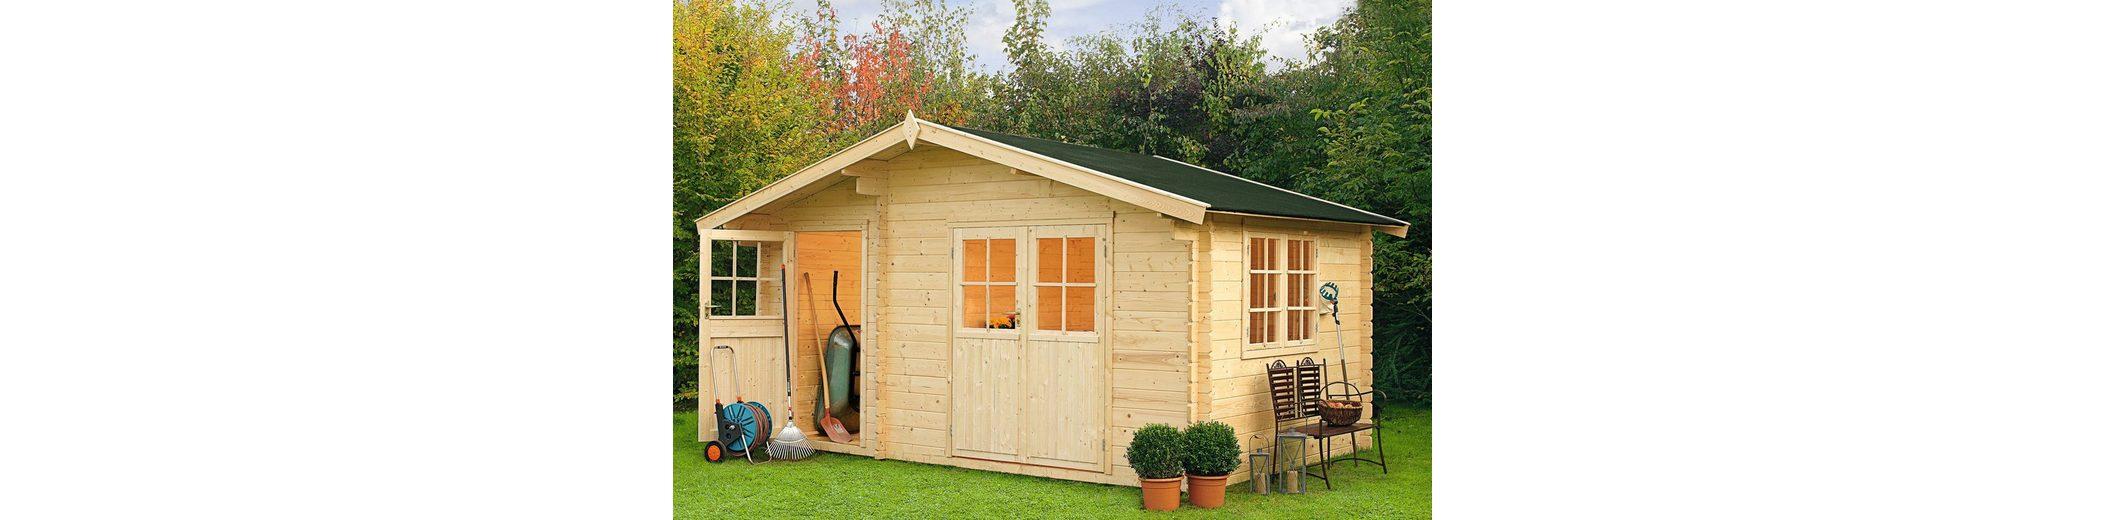 Gartenhaus »Belmont 2«, BxT: 427x280 cm